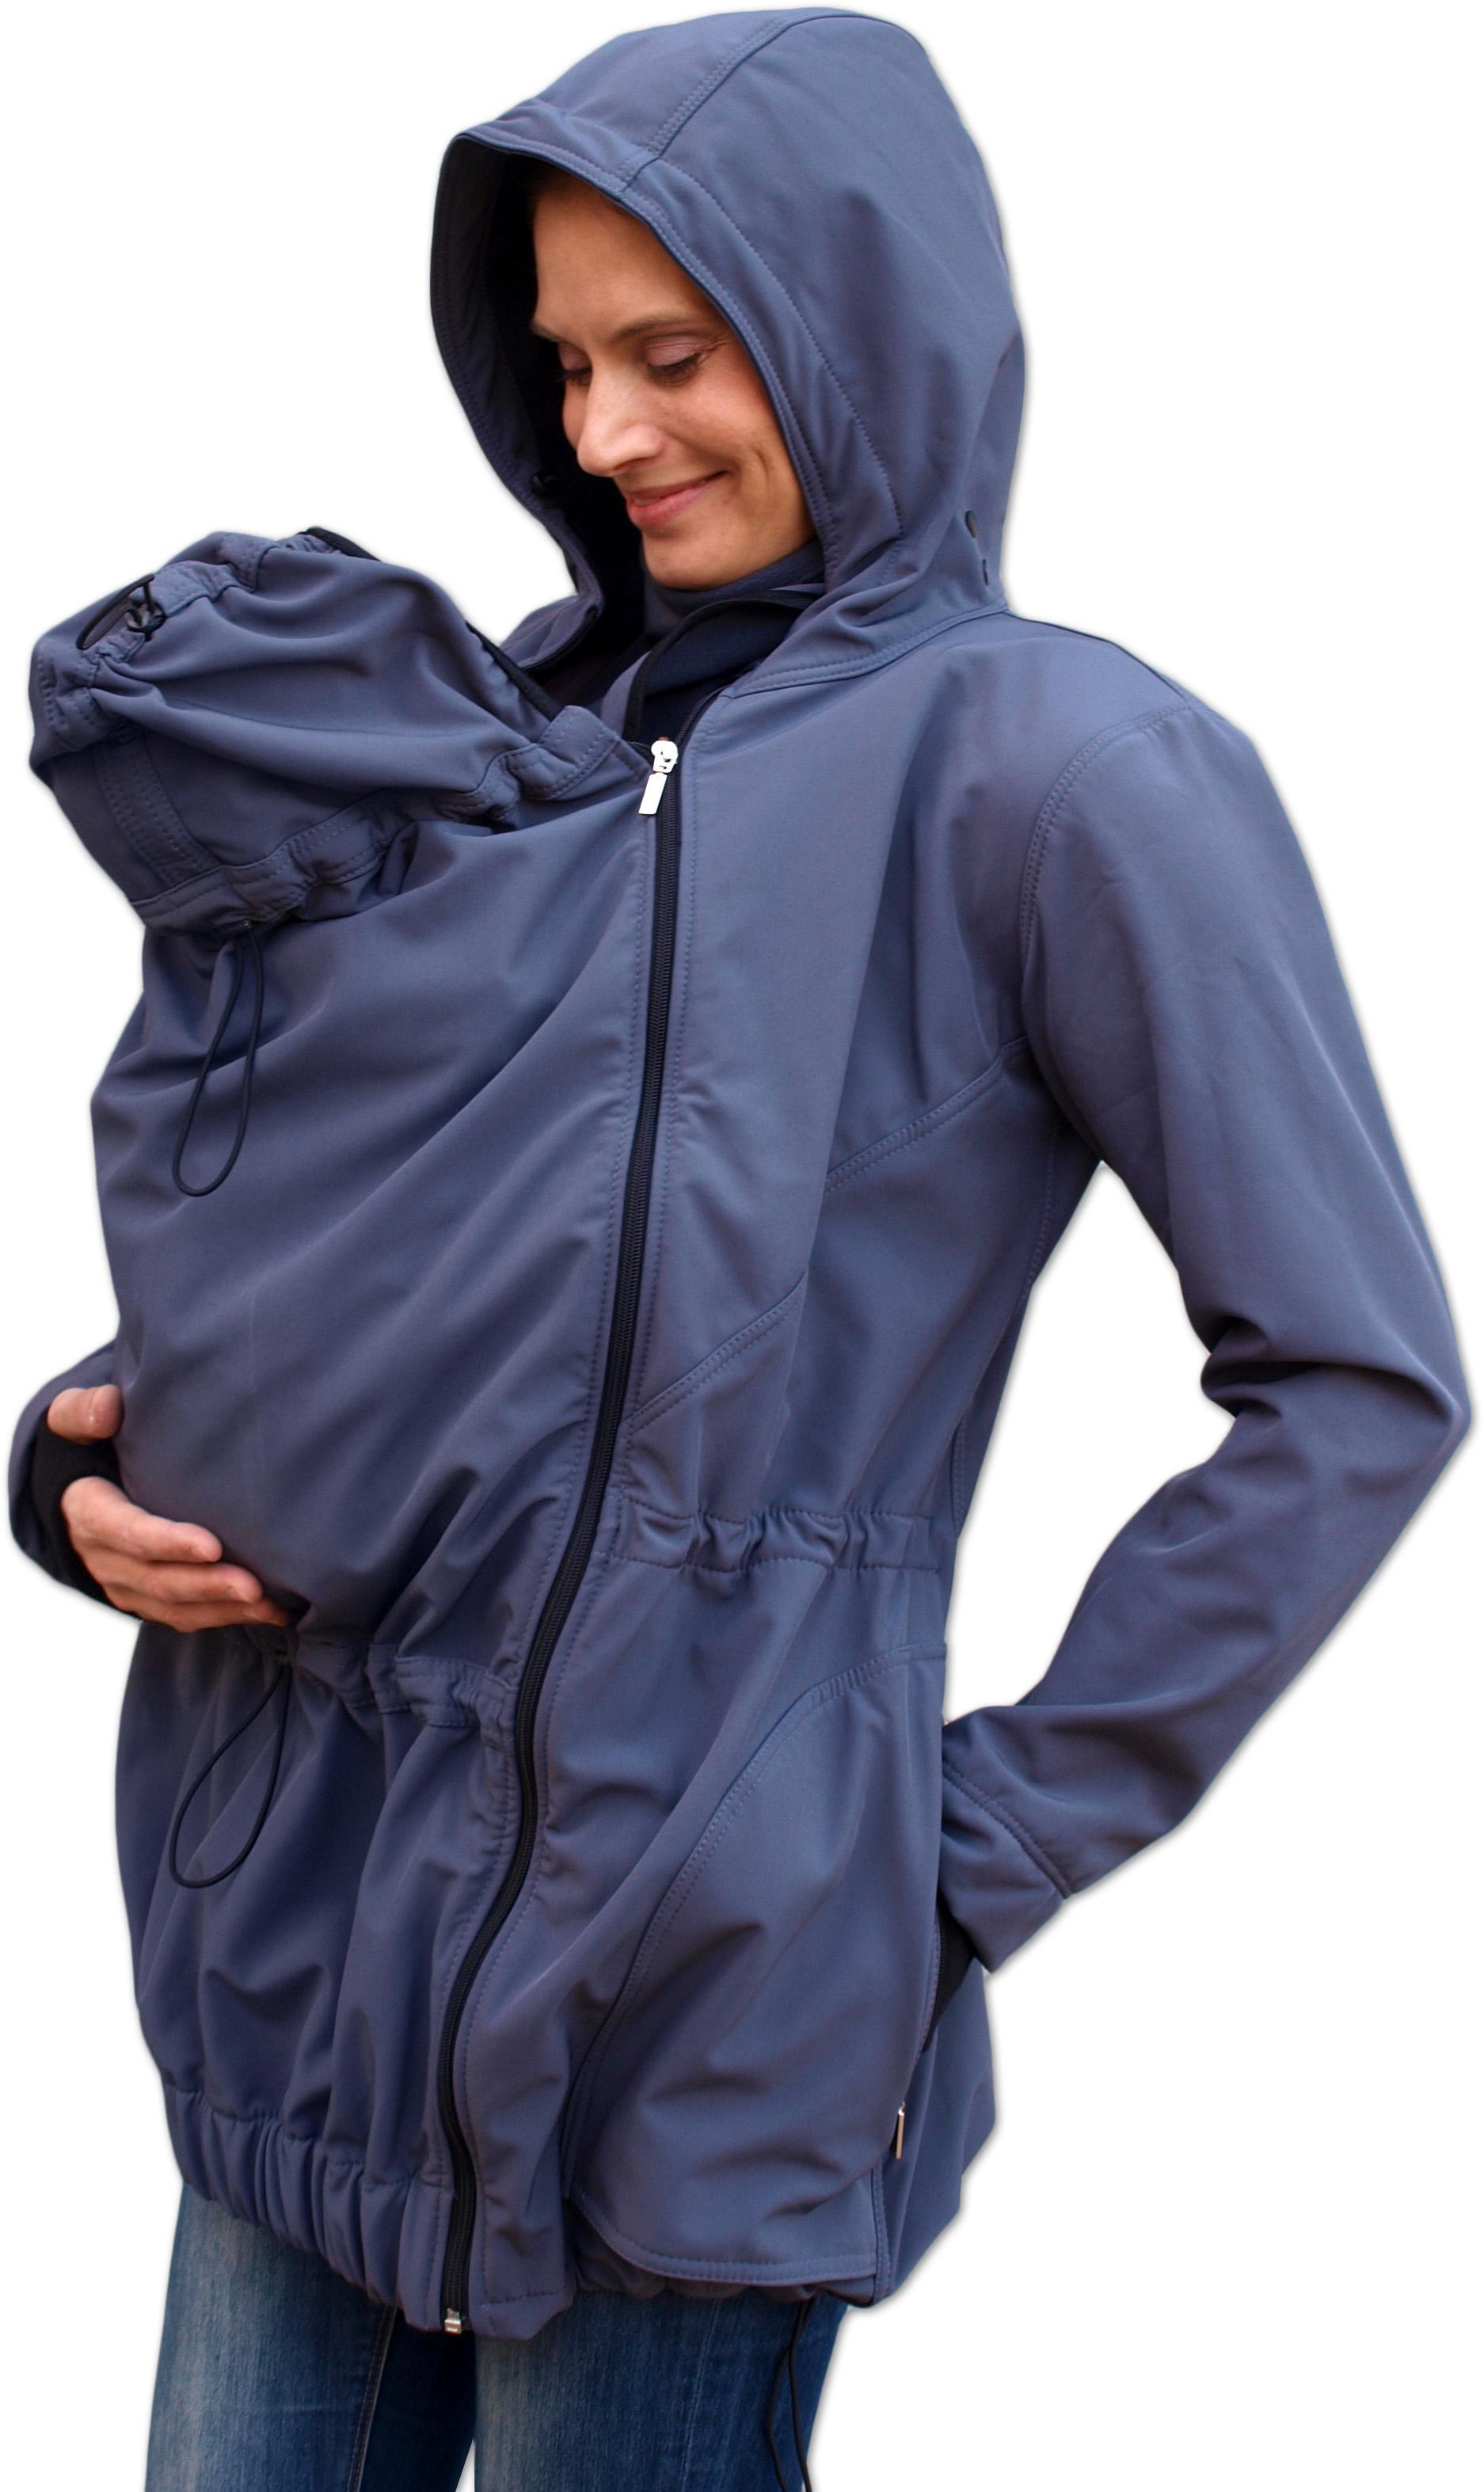 Softshellová těhotenská a nosící bunda Pavla 2, antracitová (tmavě šedá)